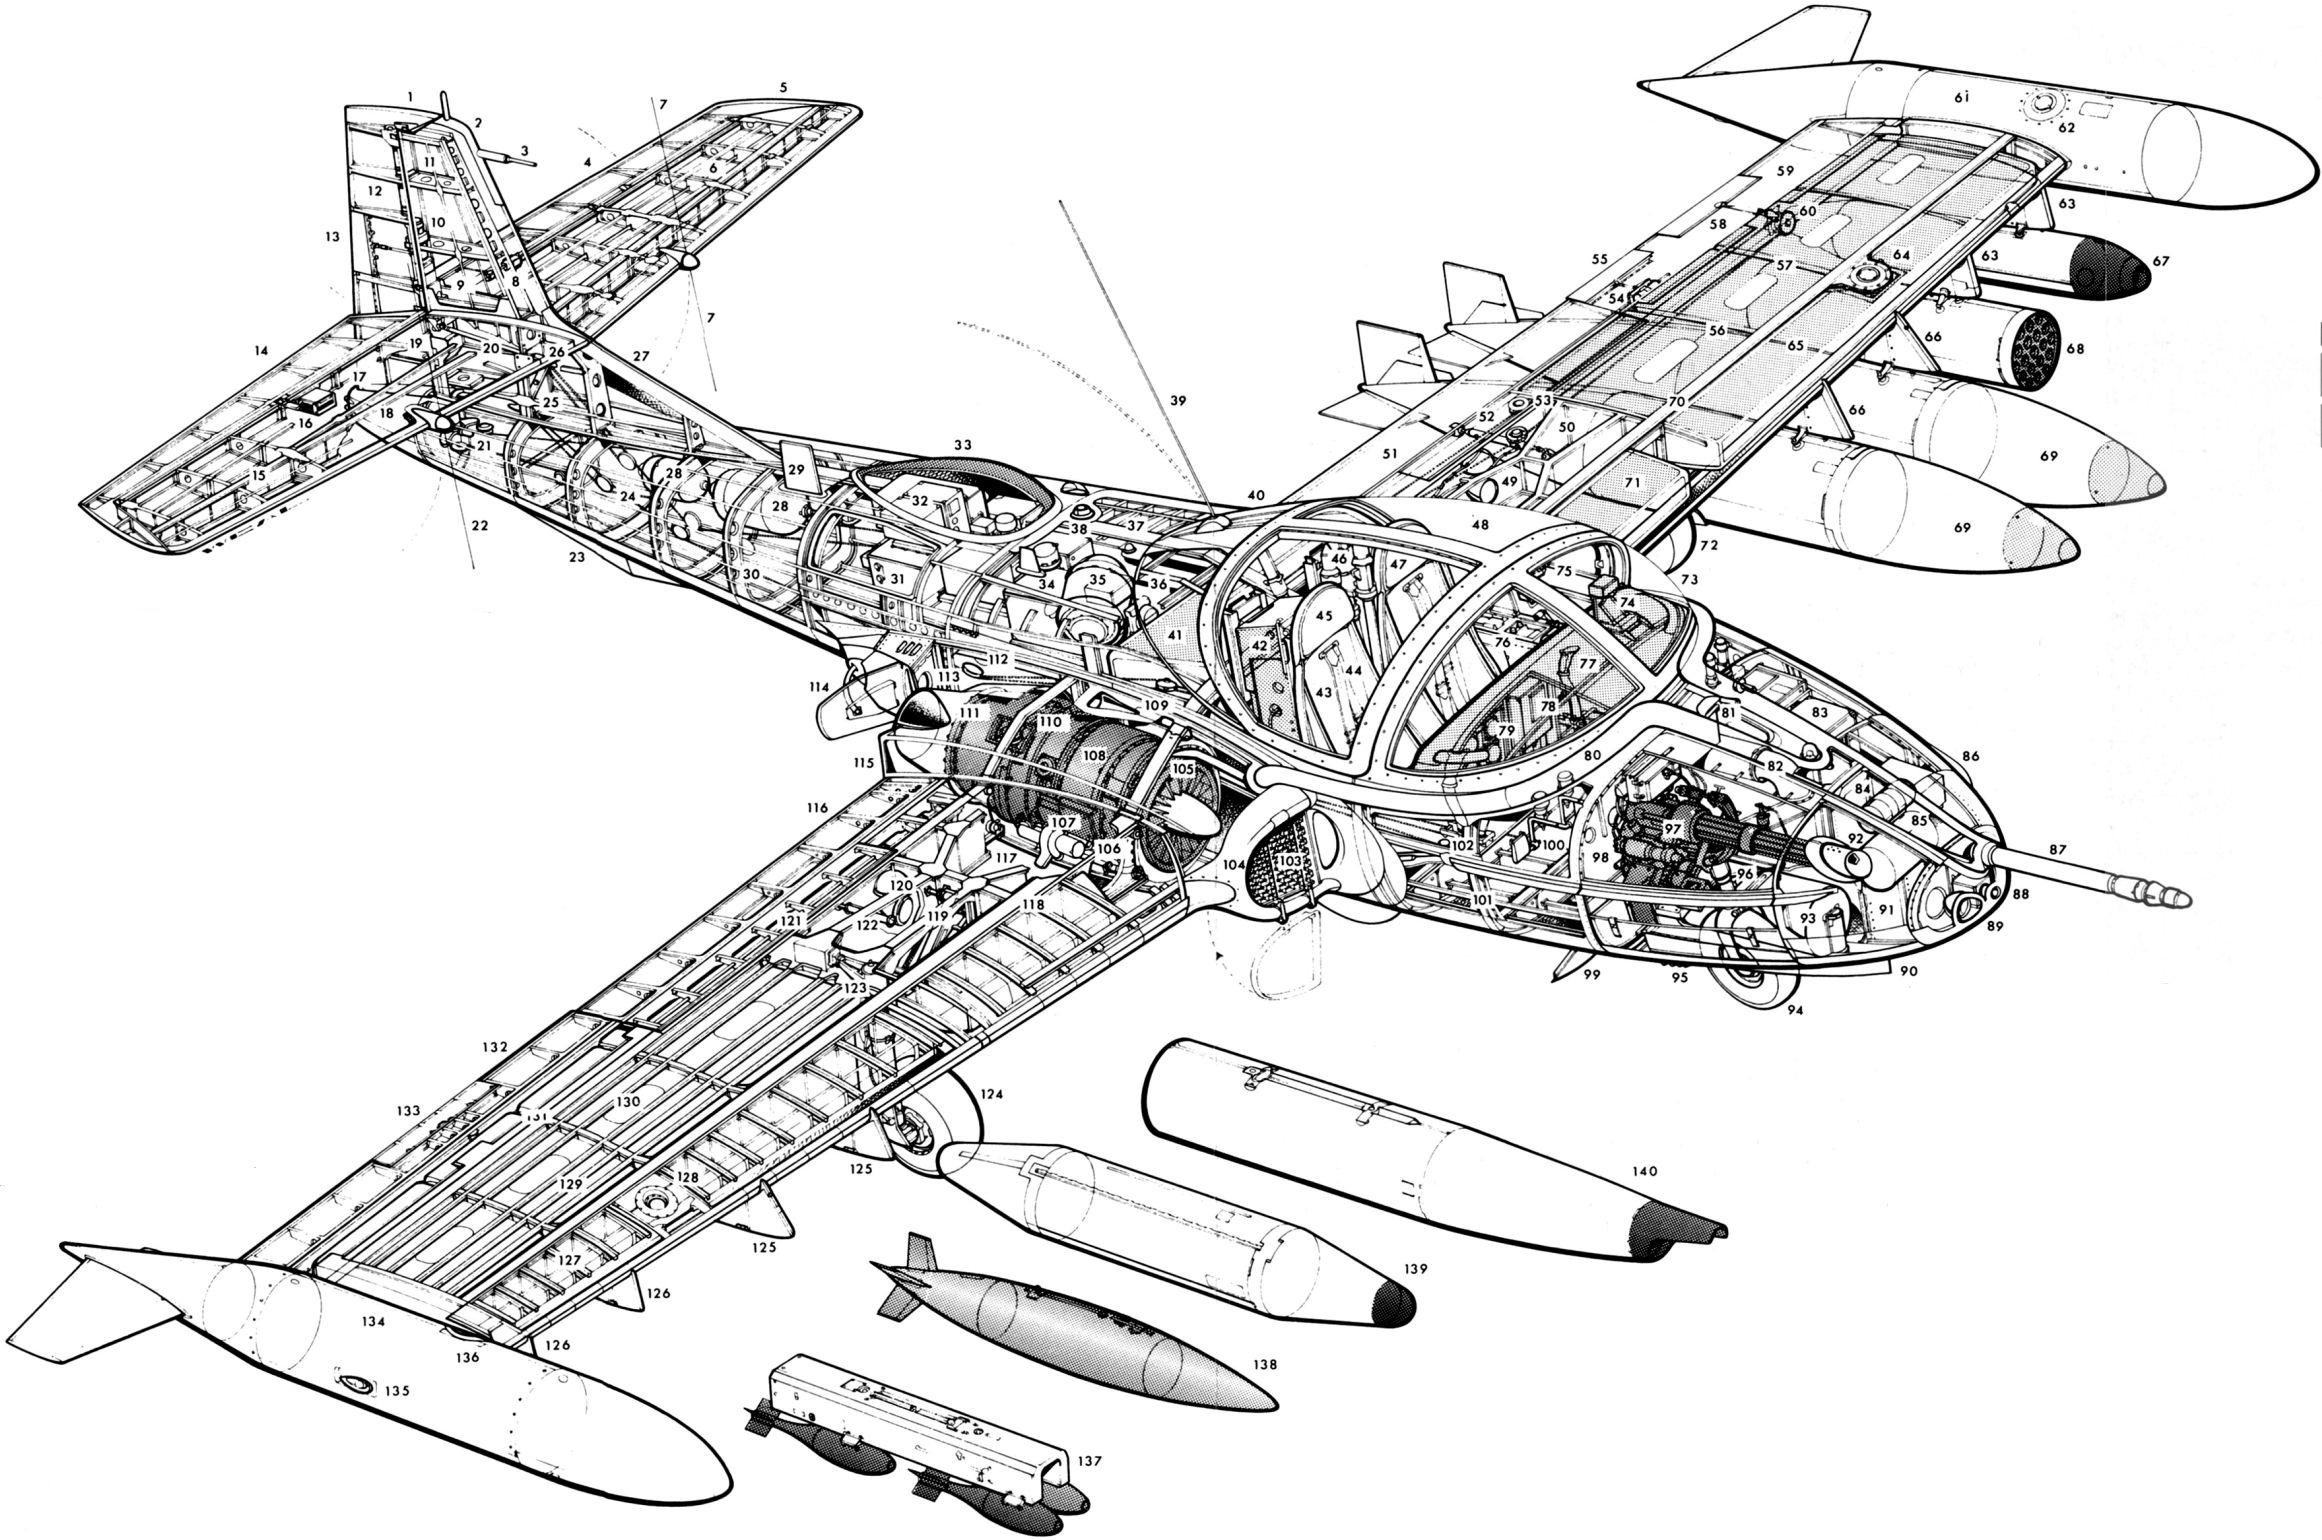 El Salvador Confirma Progresso Na Aquisicao Dos Cessna A